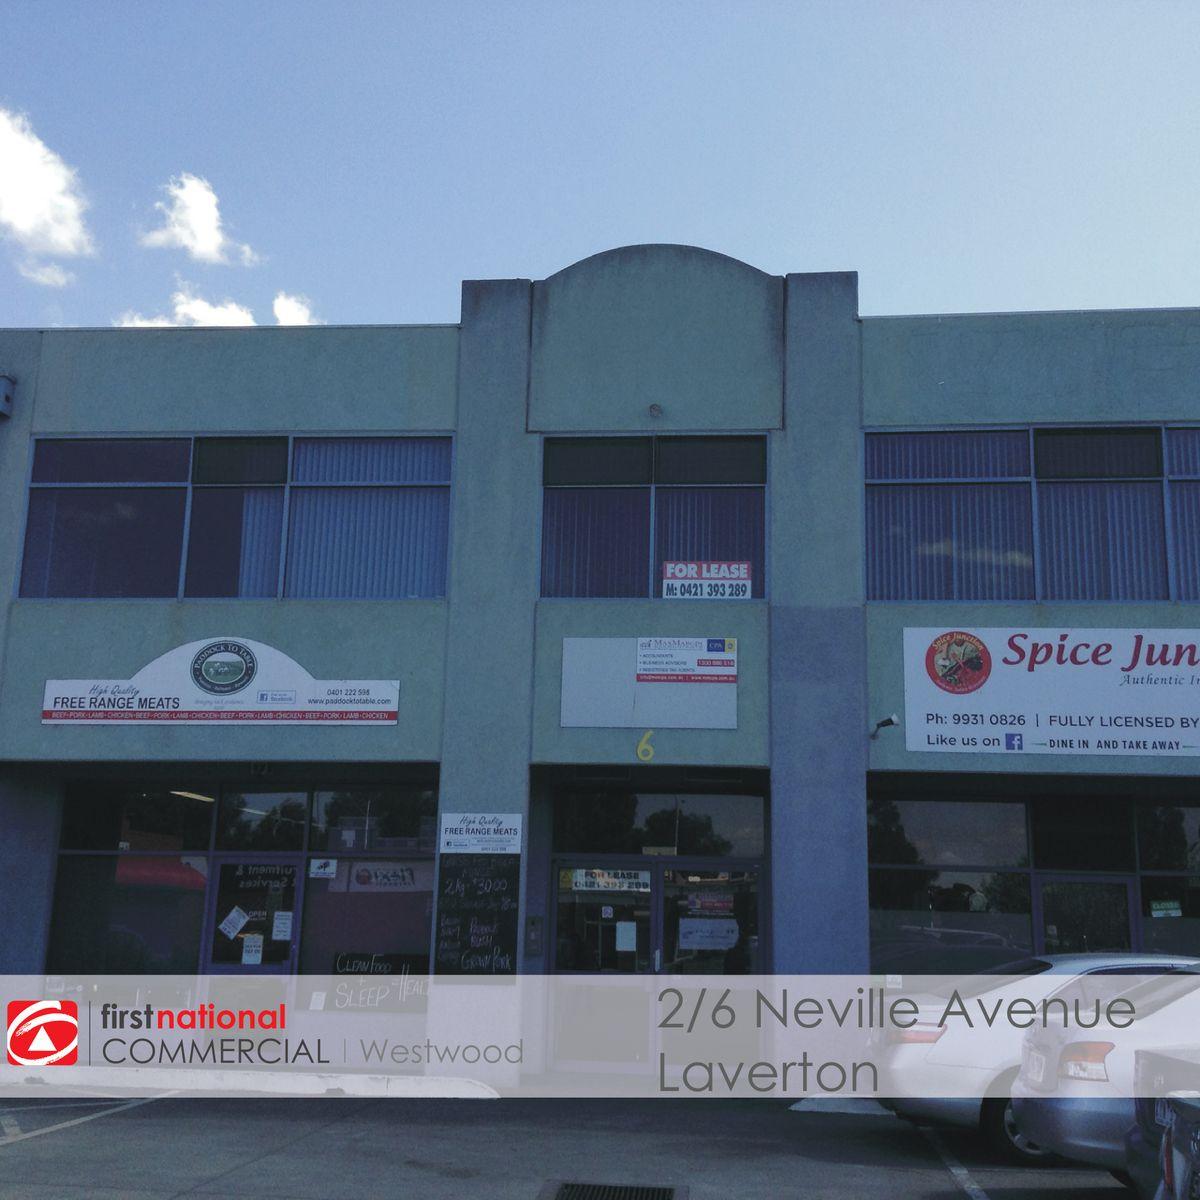 2/6 Neville Avenue, Laverton, VIC 3028